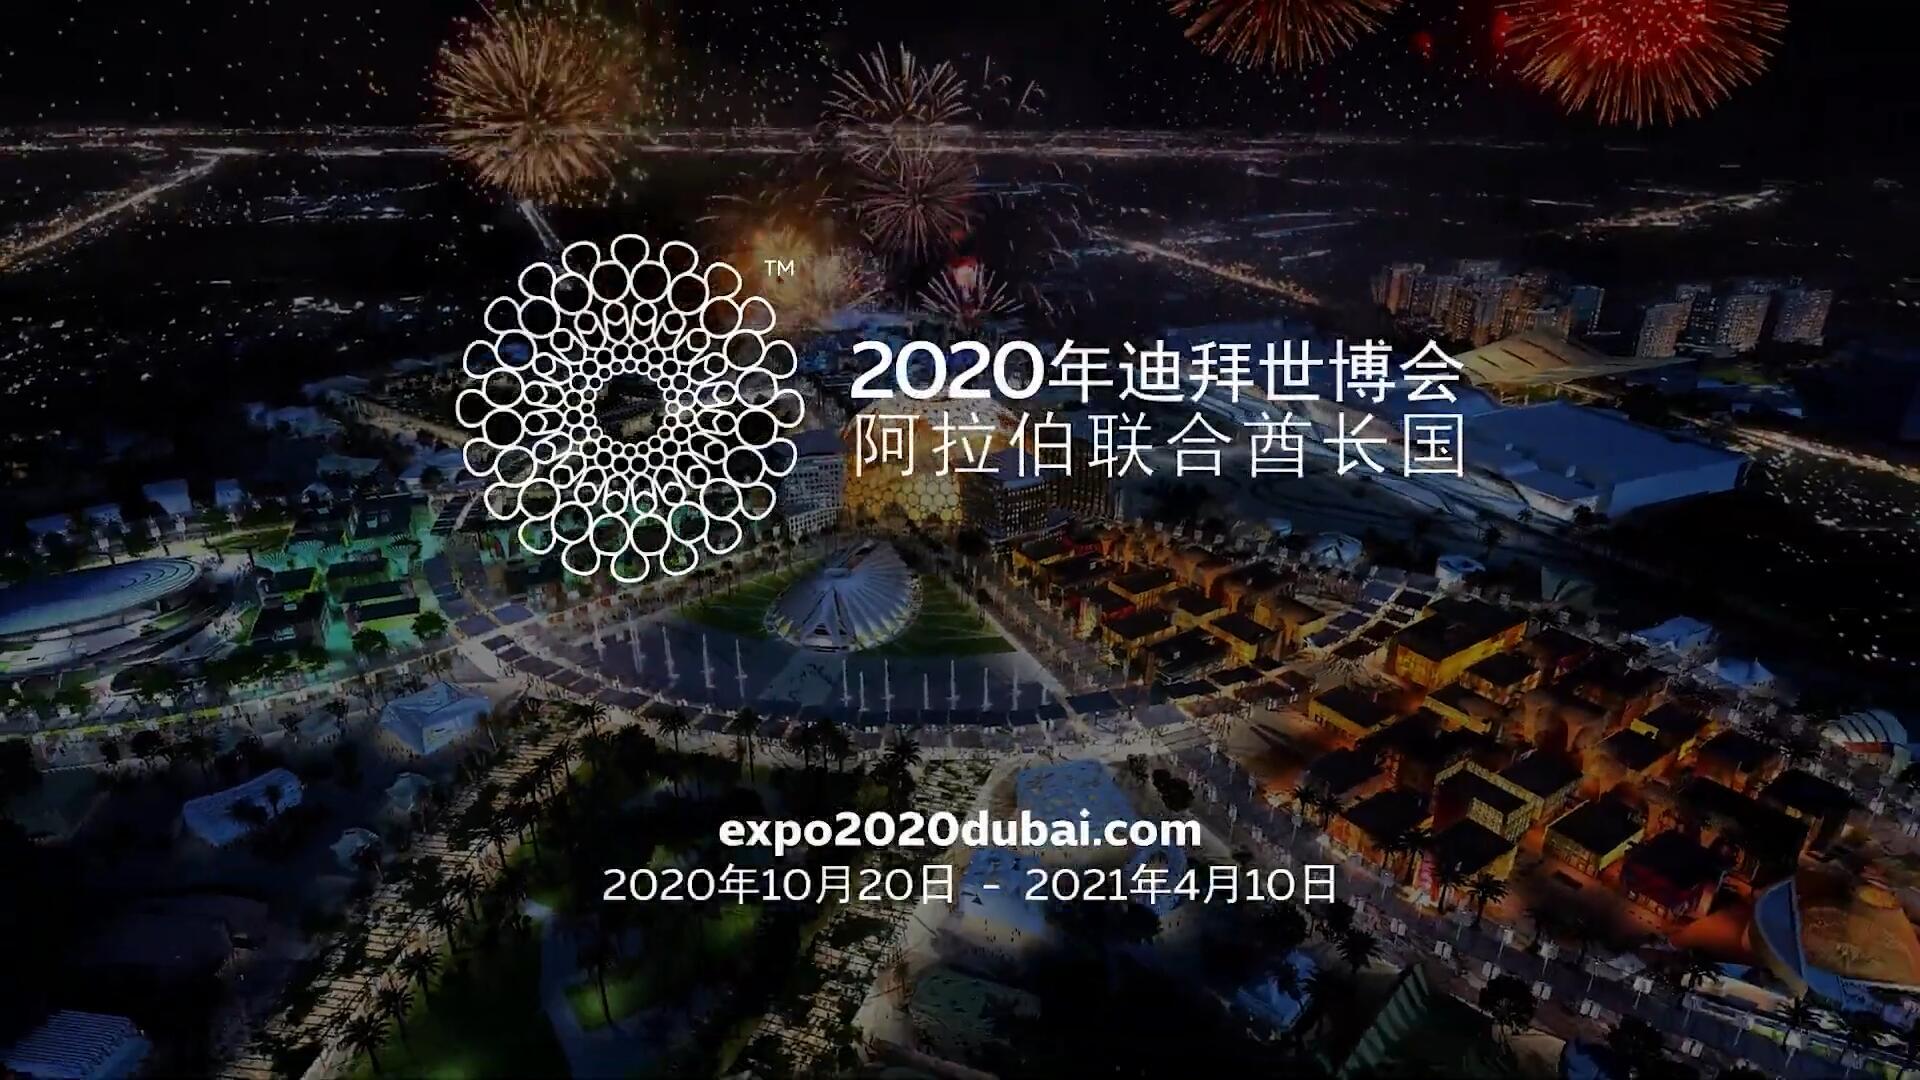 2020迪拜世博会:尽在时代缤纷盛会